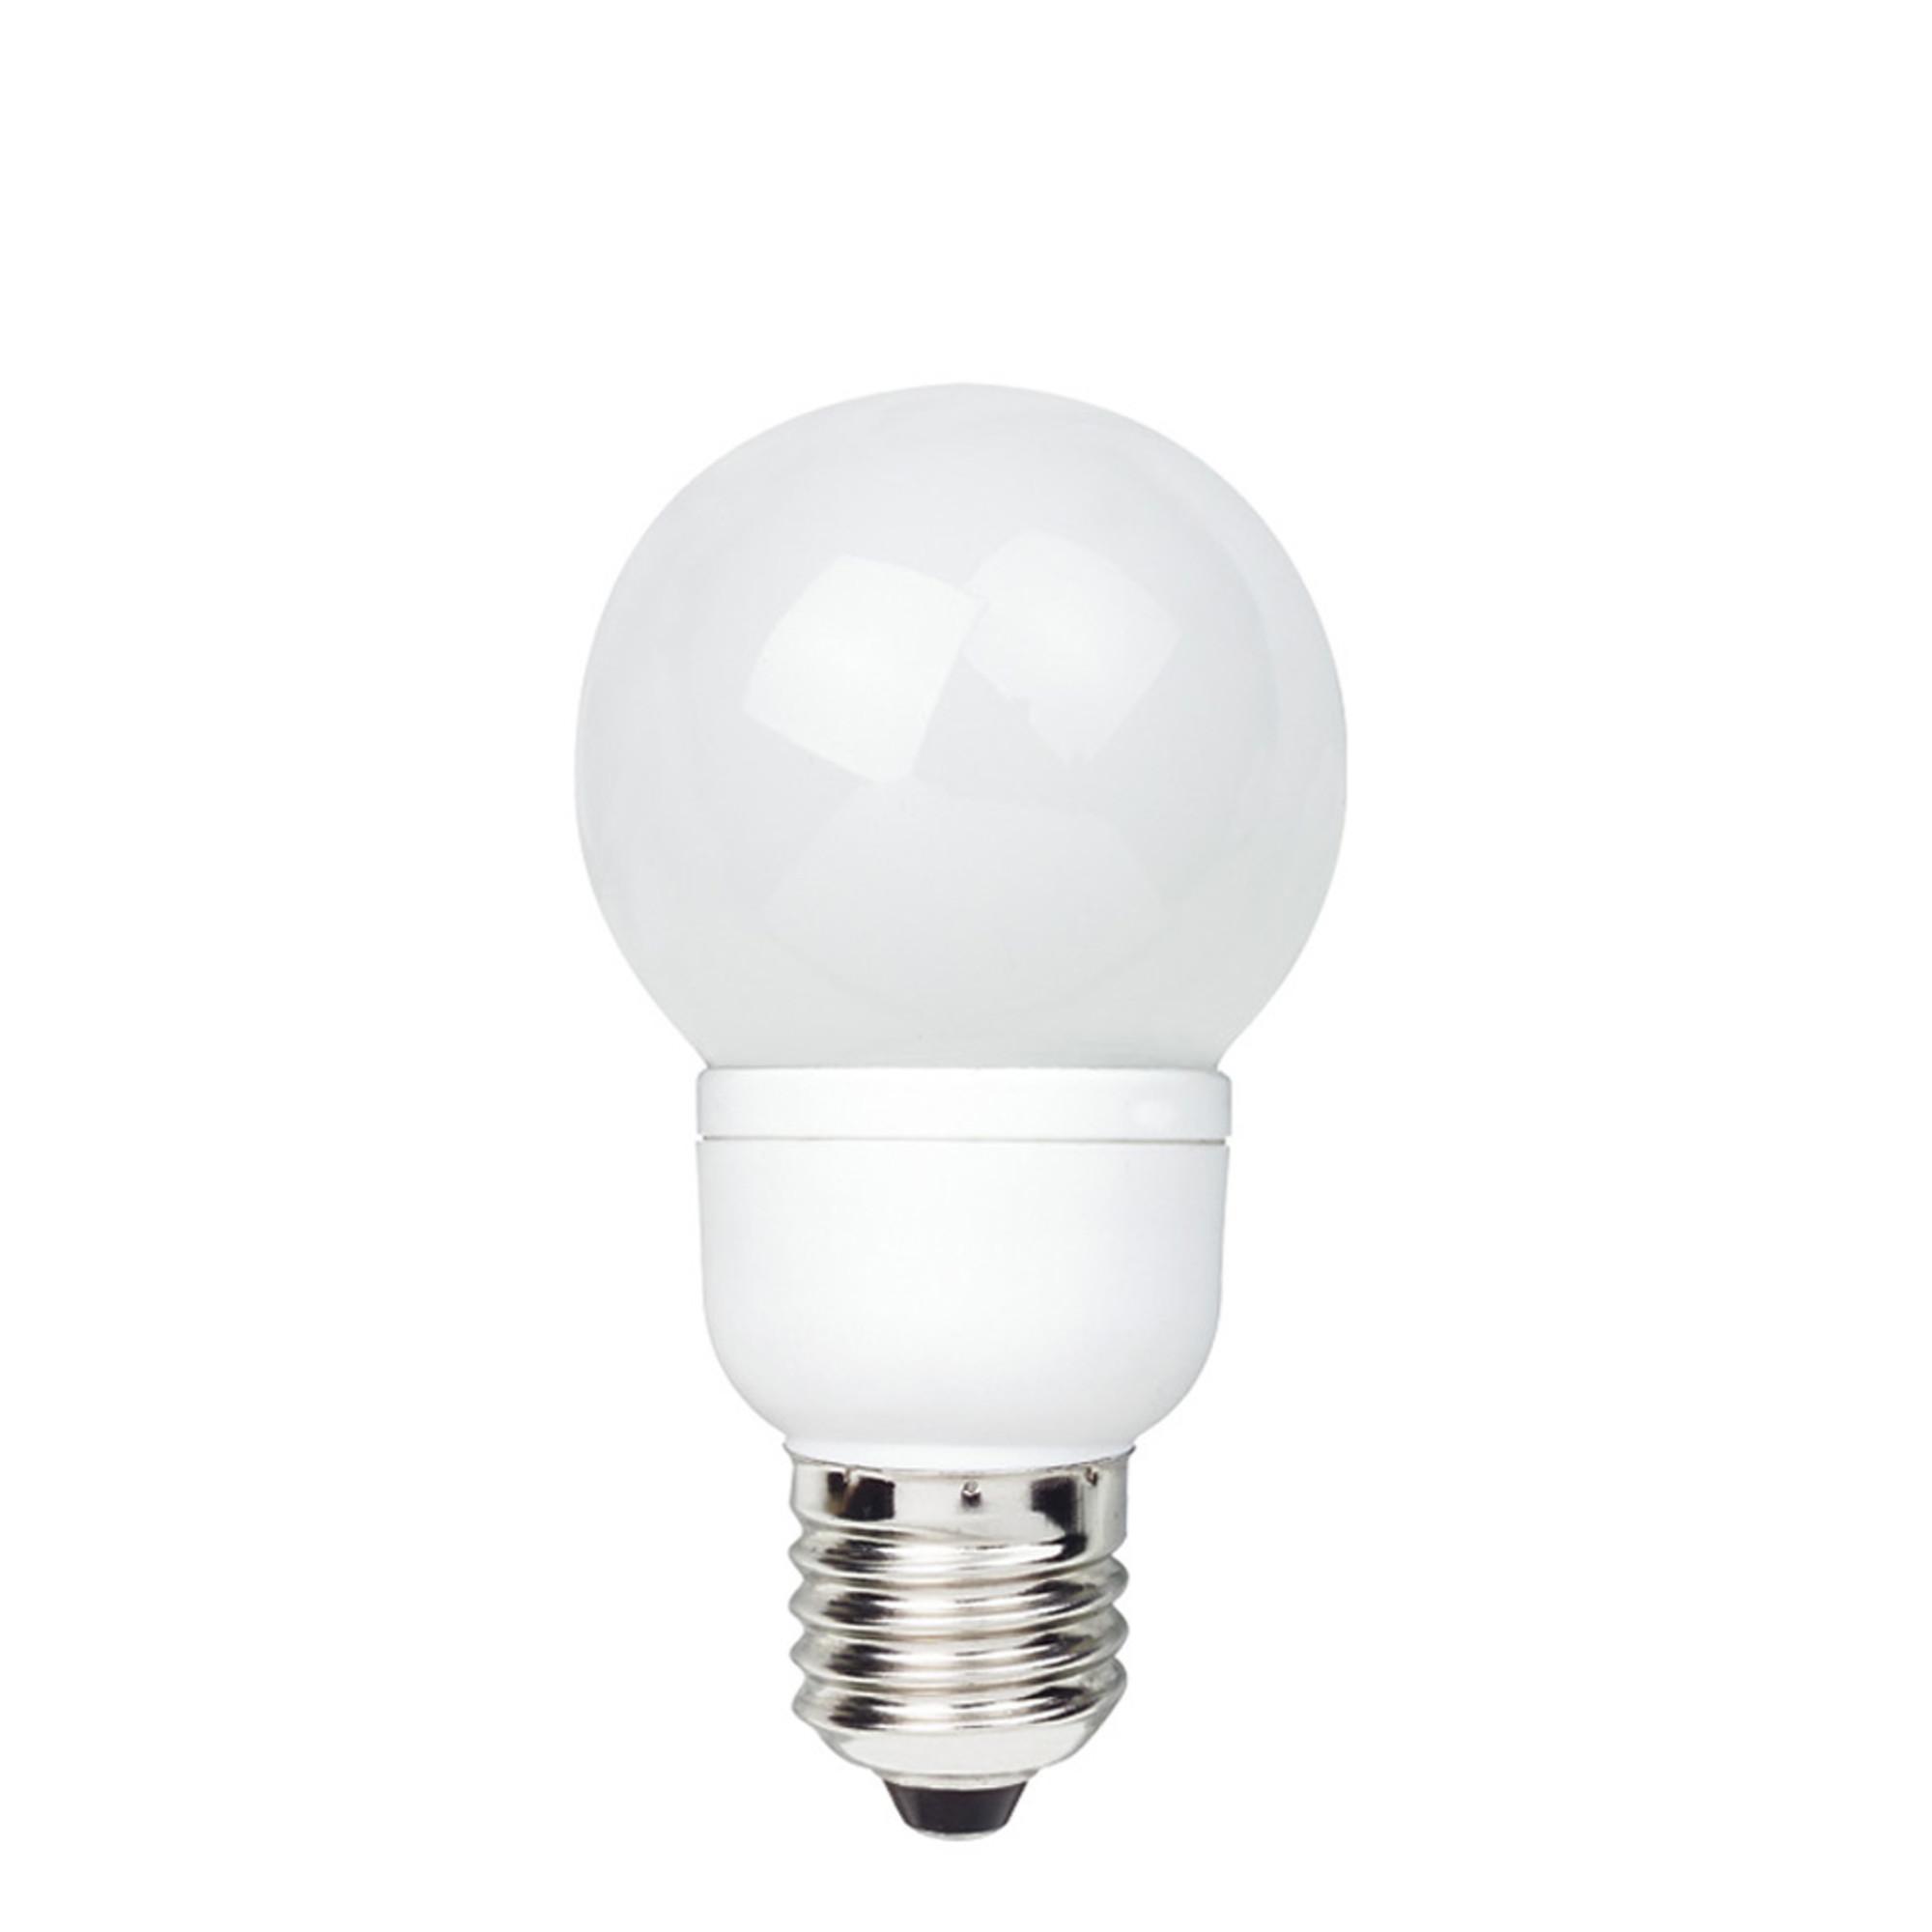 Лампа светодиодная Paulmann 28022 E27 55 Лм холодный свет